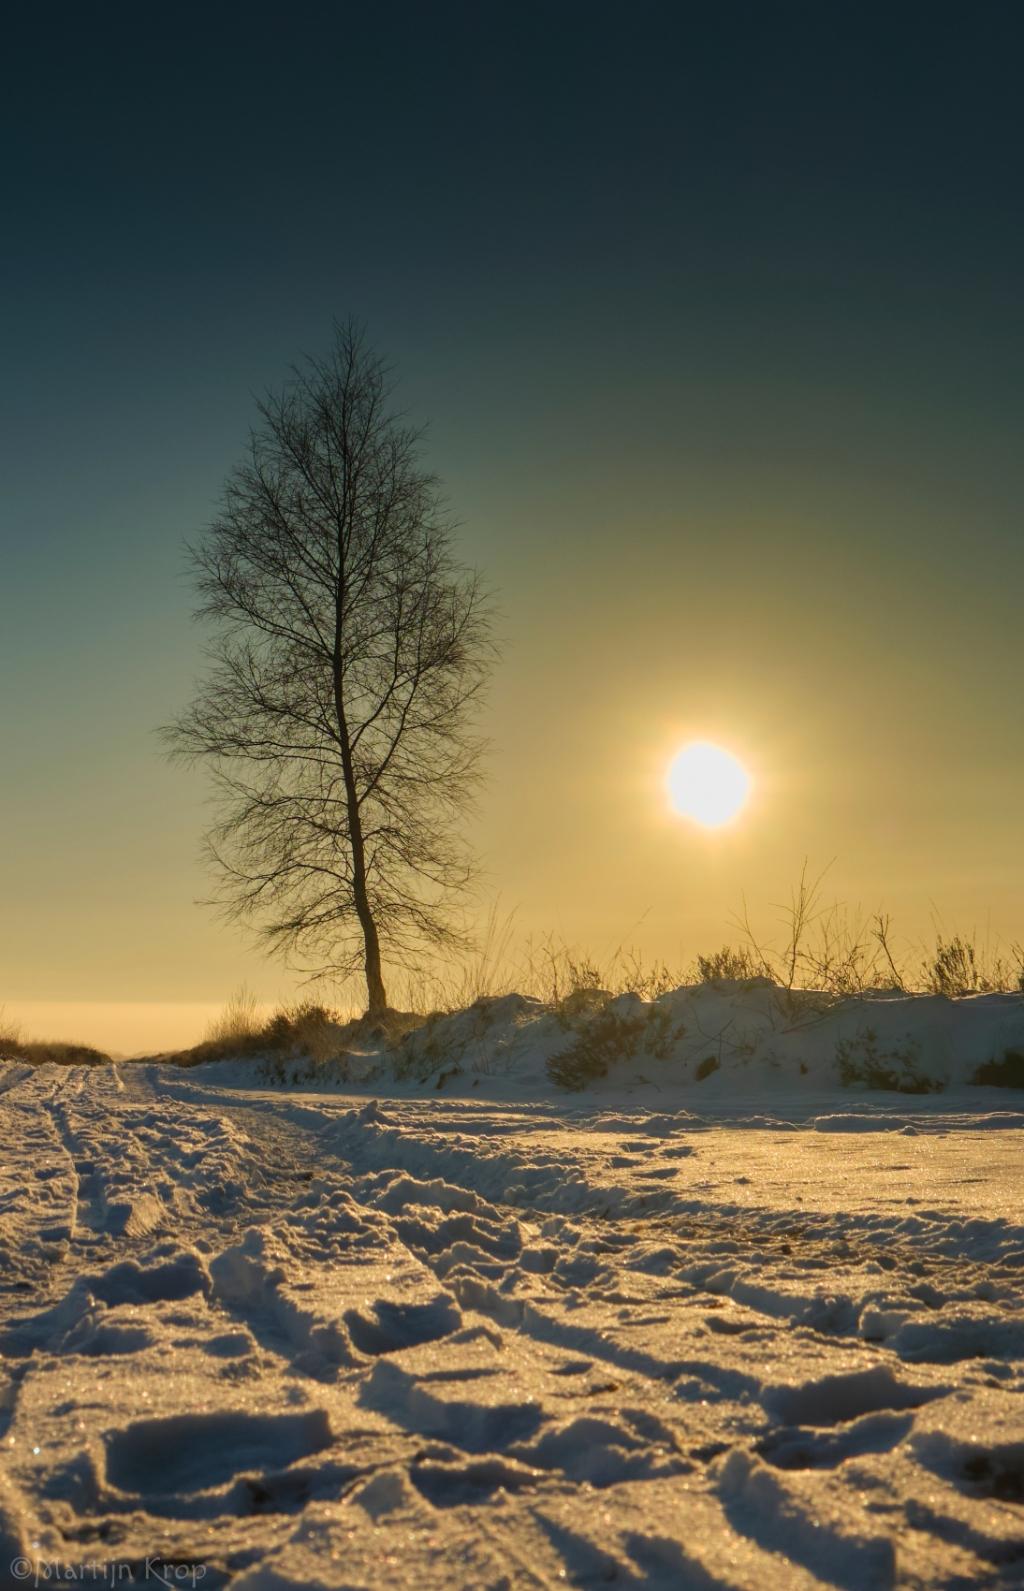 """Martijn Krop: ,,Vanmorgen ben ik in de vrieskou een rondje gaan lopen op de Sysstelt - Ginkelse Hei. De zon kwam mooi op en zorgde voor mooi plaatjes."""" Martijn Krop                                                                                                                                 © BDU Media"""